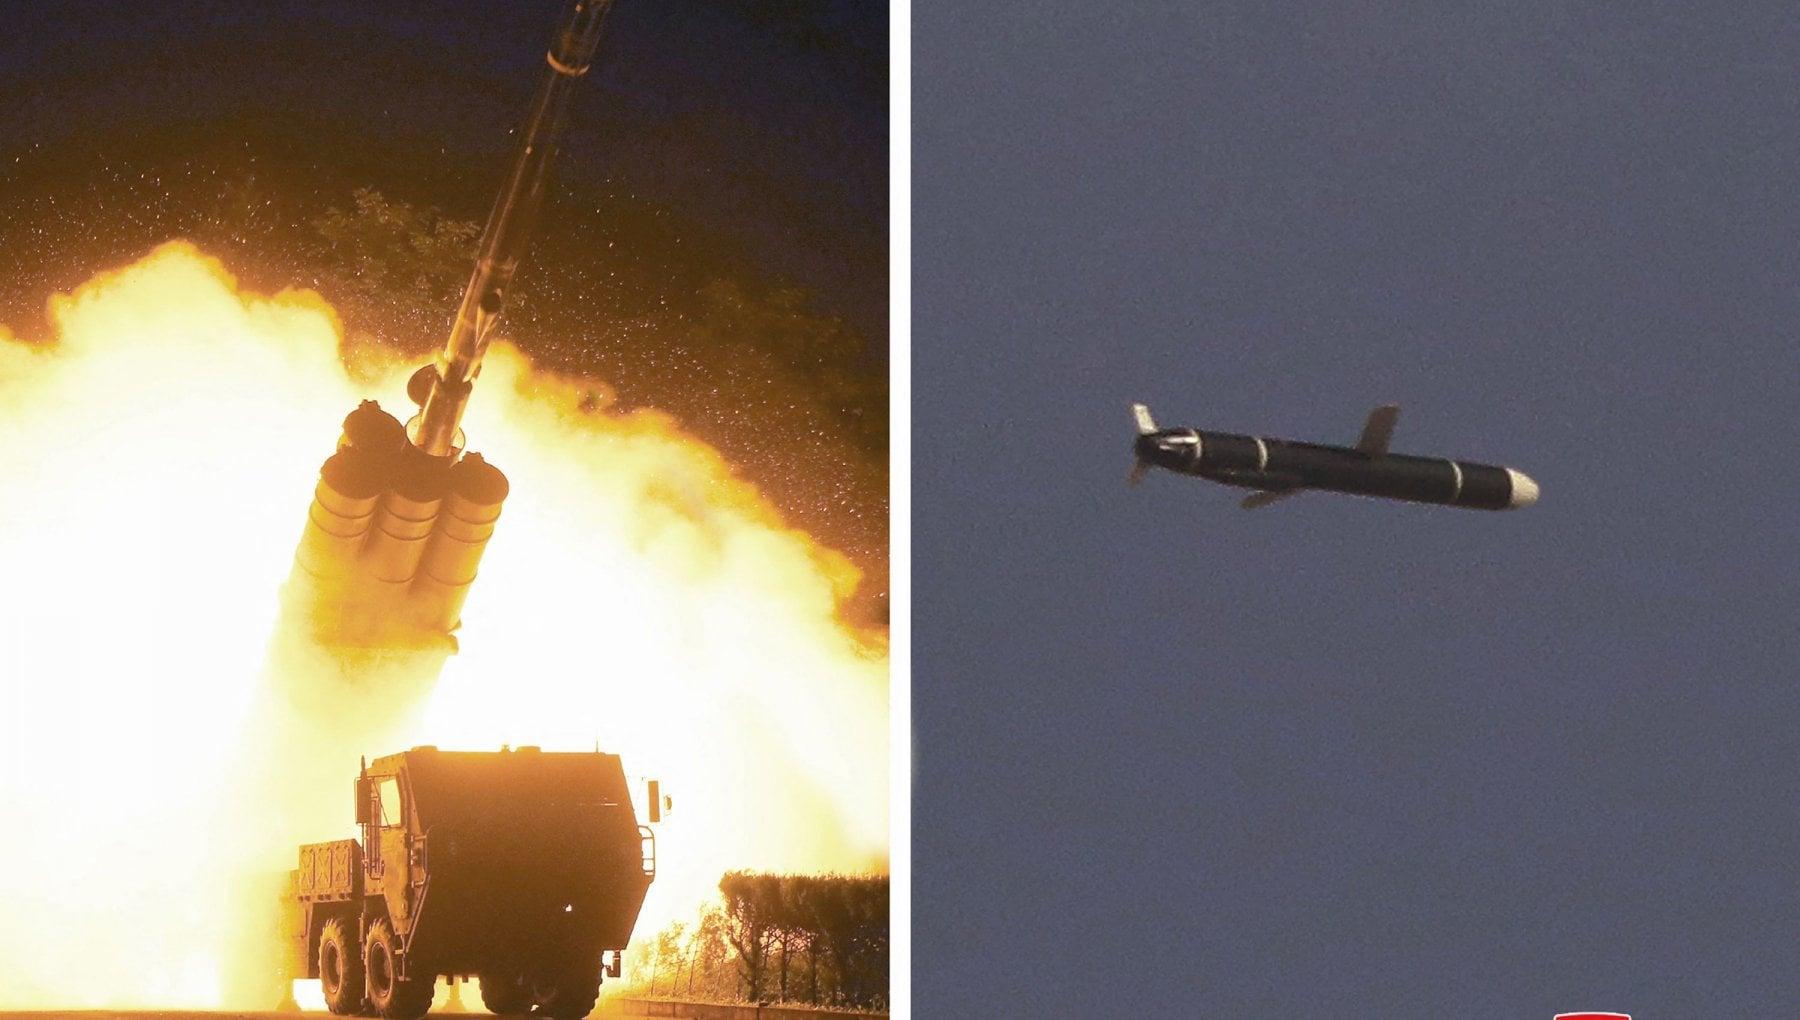 """023545788 3cb7fd43 e400 4537 9b8b 713625cd974c - L'annuncio della Corea del Nord: """"Abbiamo testato un nuovo missile a lungo raggio"""""""